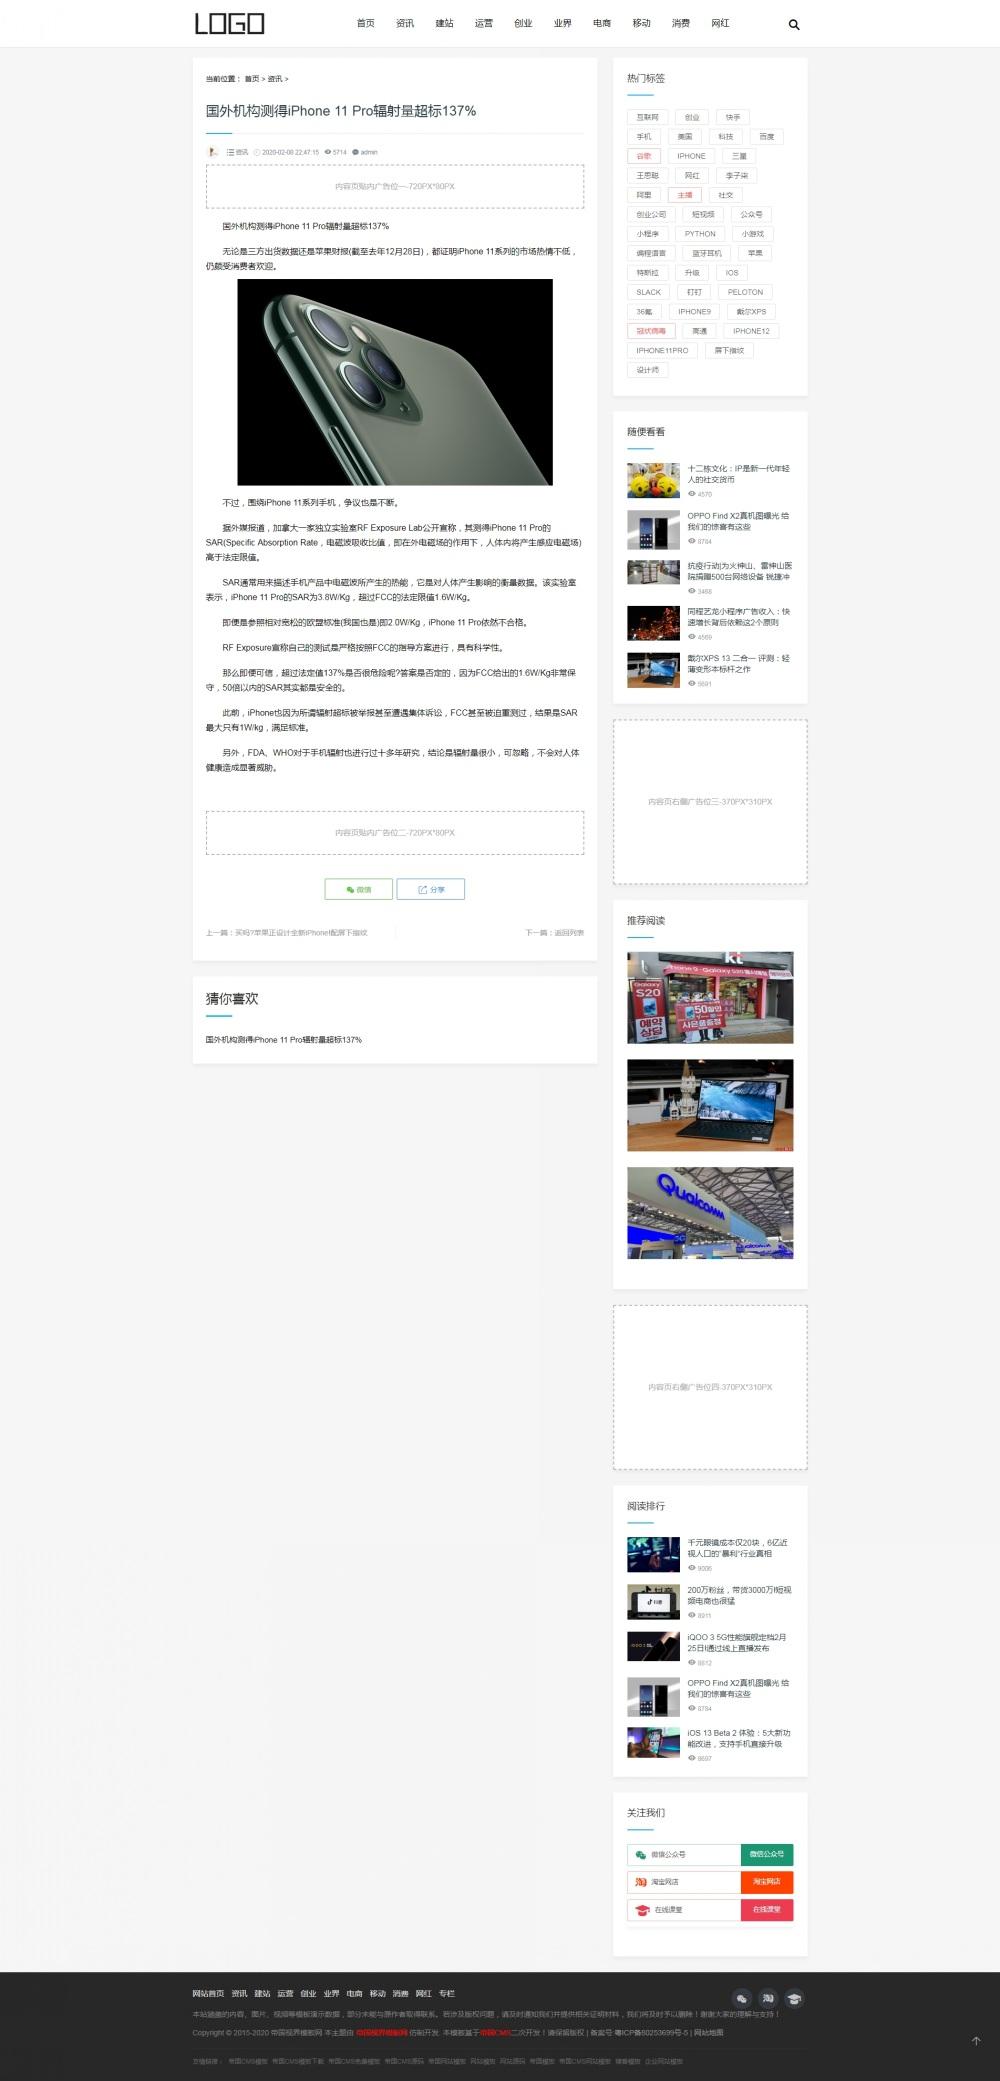 文章内容页.jpg [DG-072]帝国CMS自适应新闻资讯个人博客网站模板 博客文章 第4张